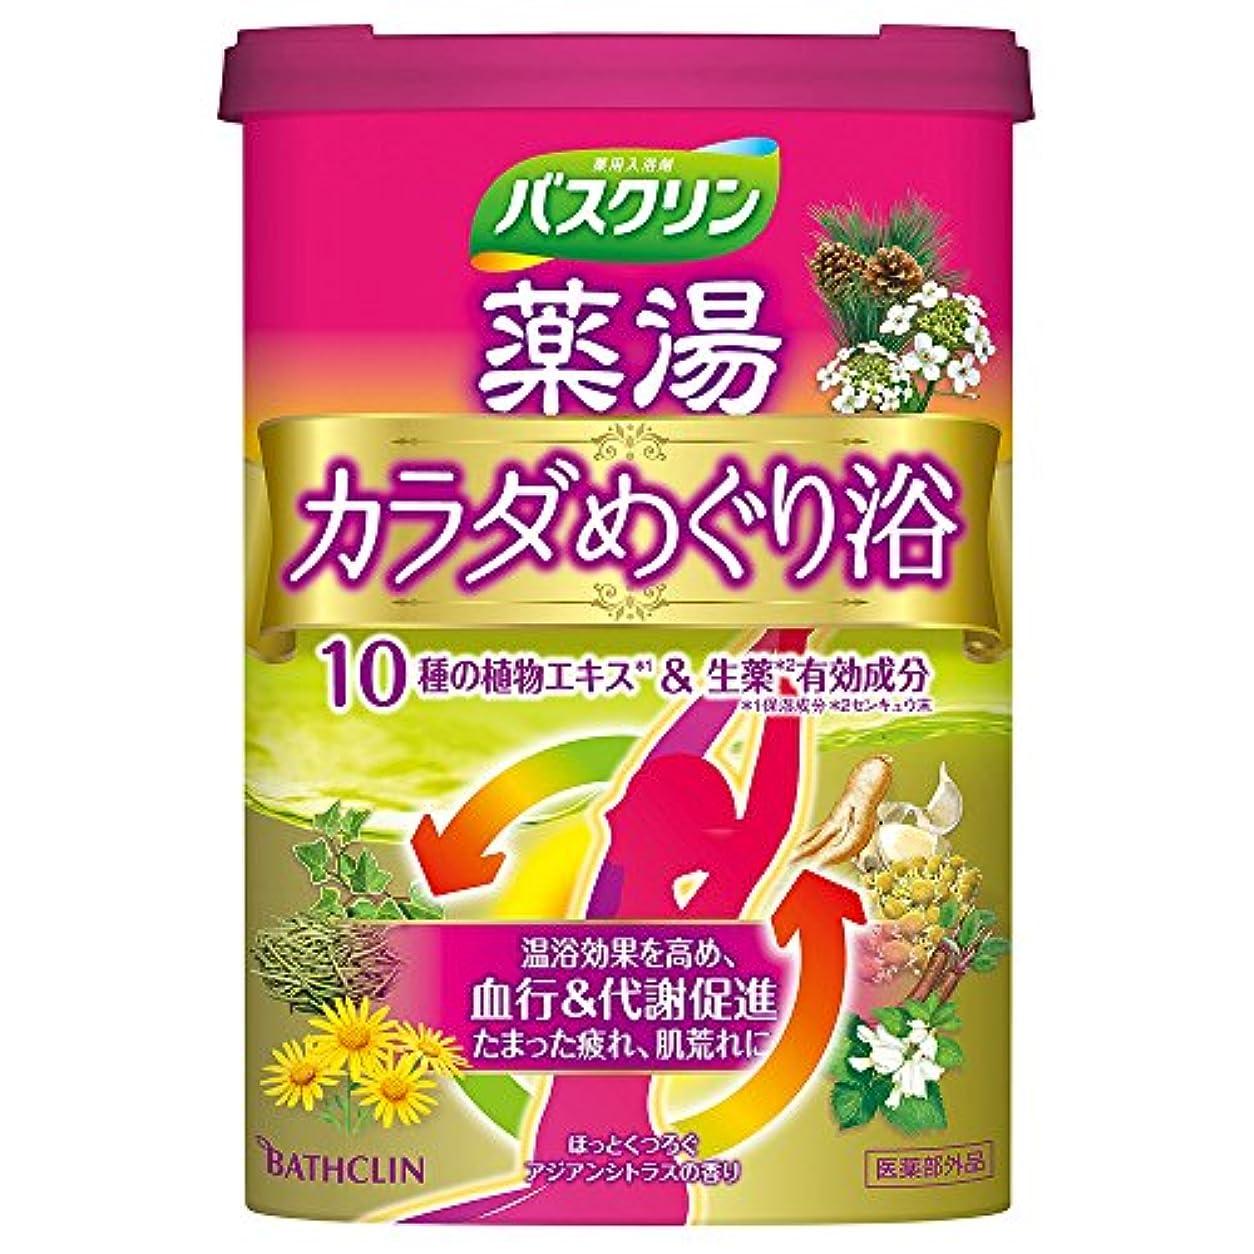 役に立たない項目モルヒネバスクリン薬湯 カラダめぐり浴 ほっとくつろぐアジアンシトラスの香り 600g 入浴剤 (医薬部外品)